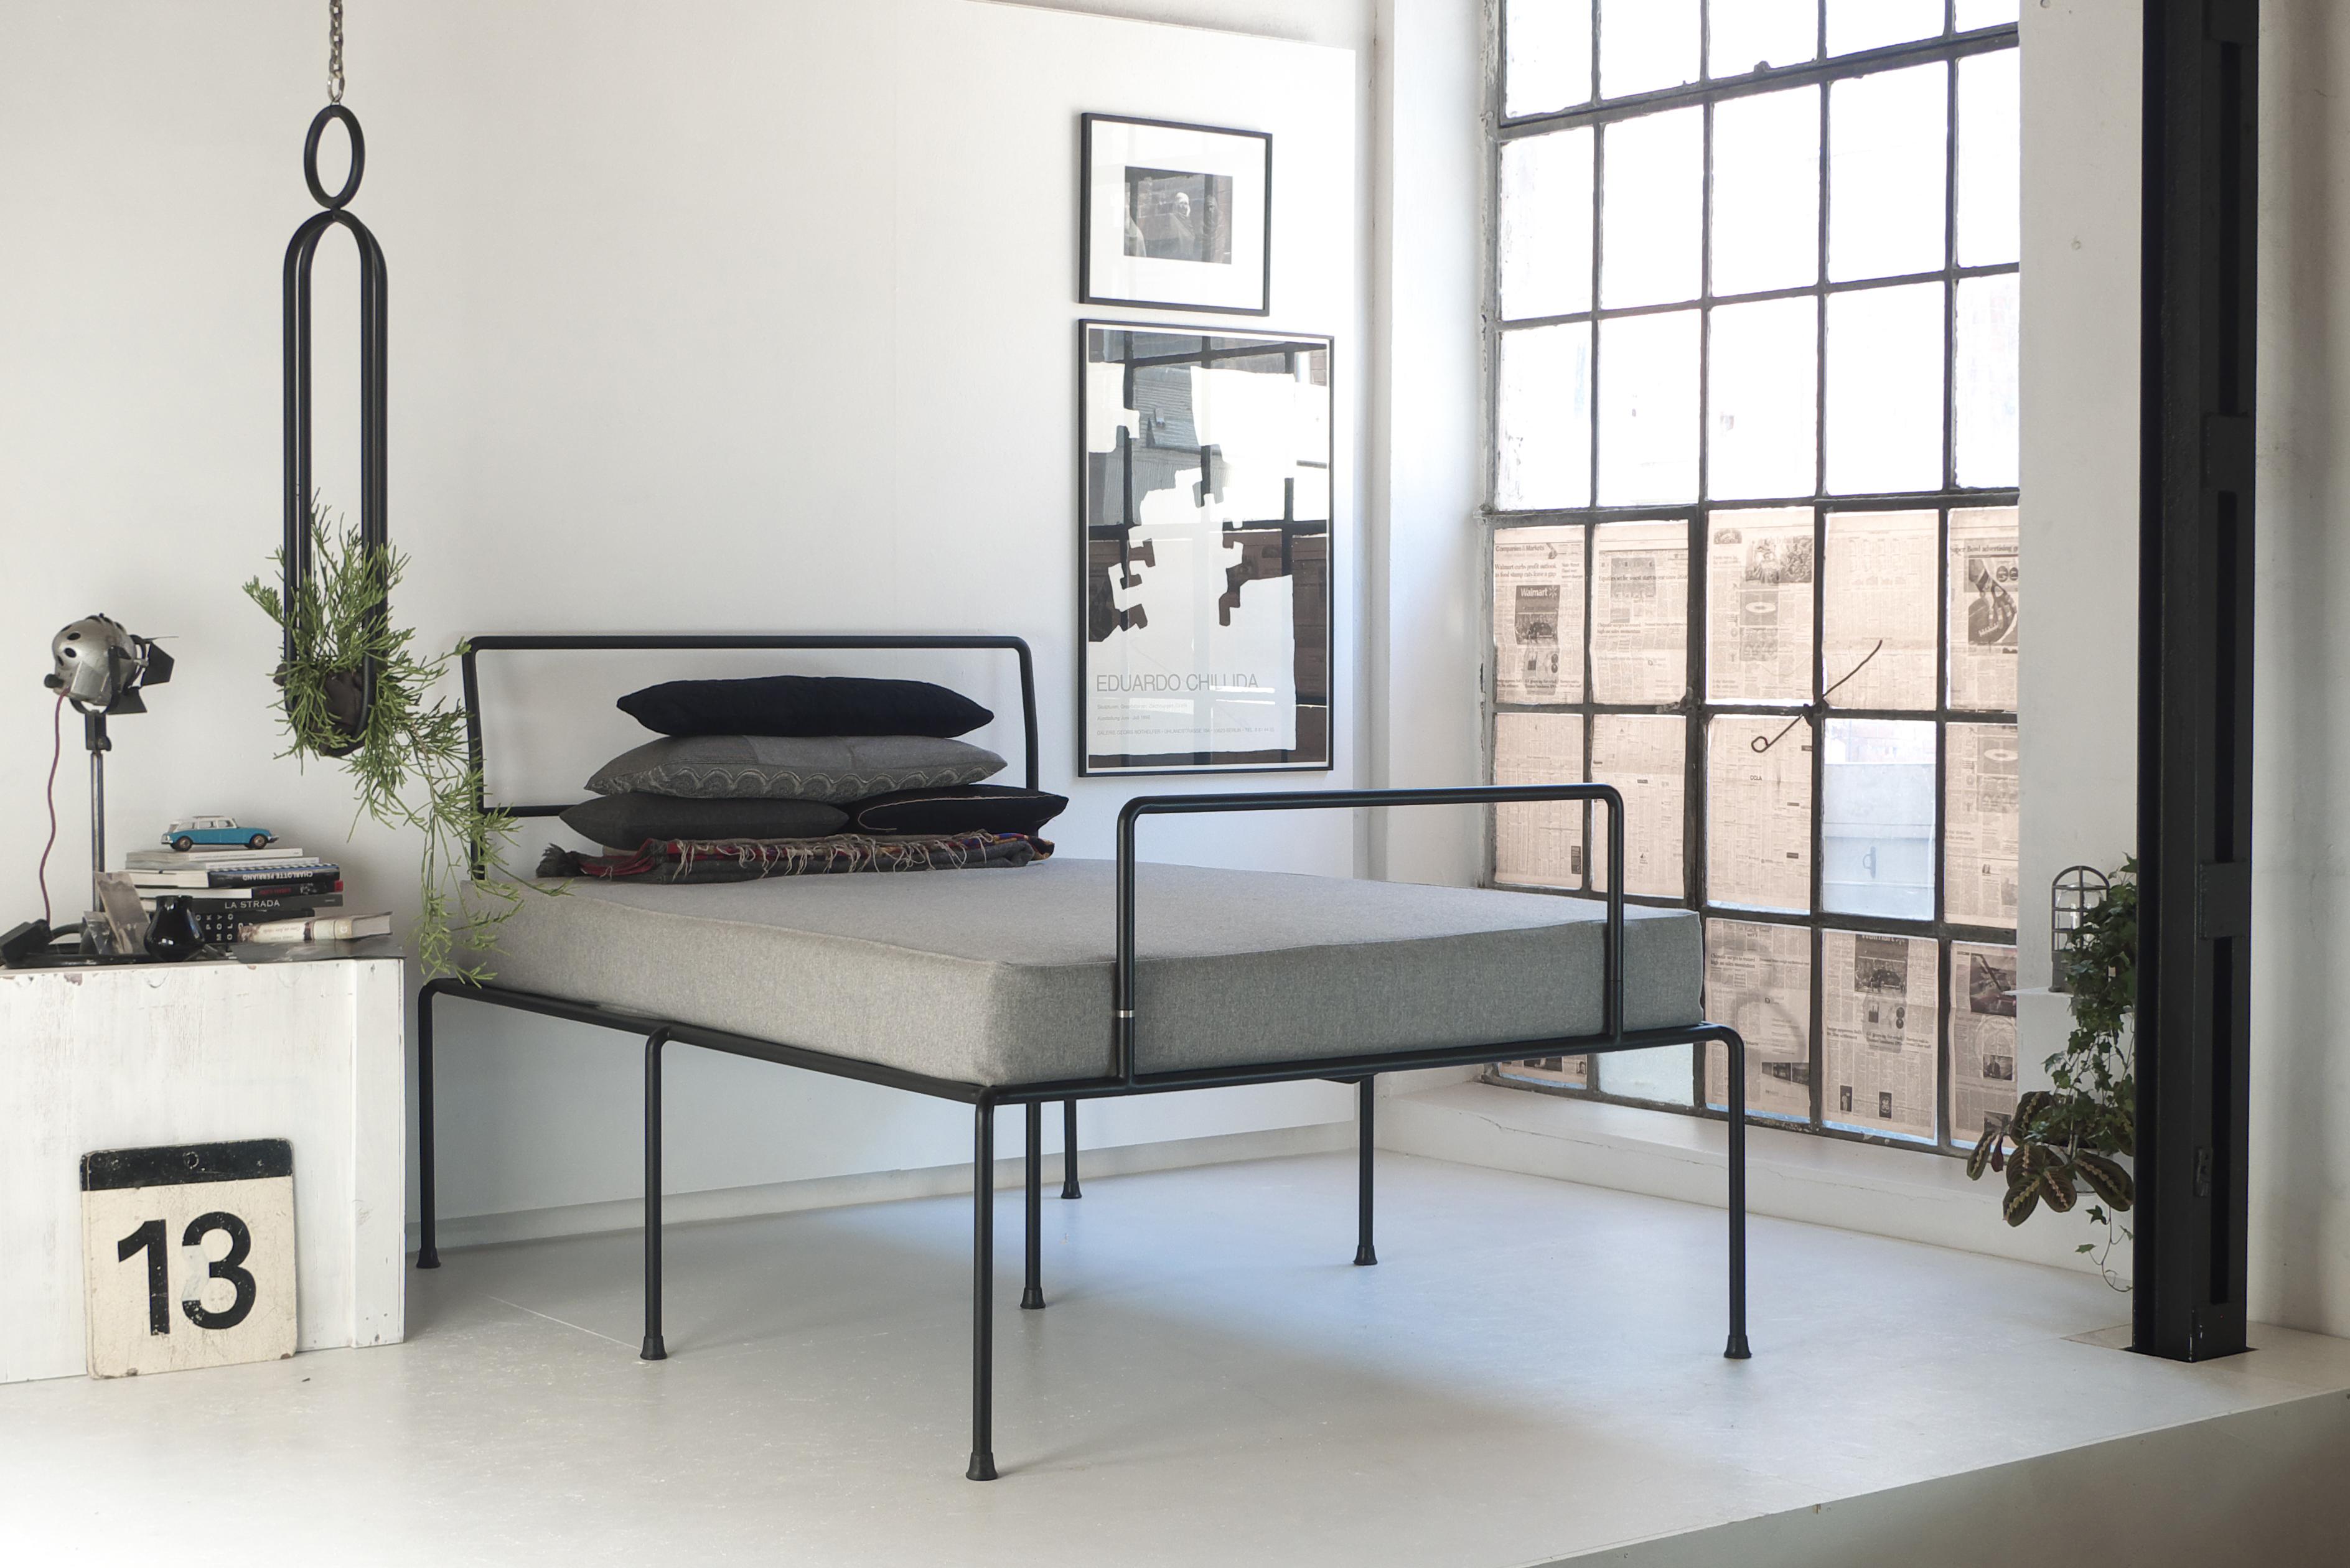 Sevenfeetup Stahl Bett Rohrrahmen Atelier Haußmann